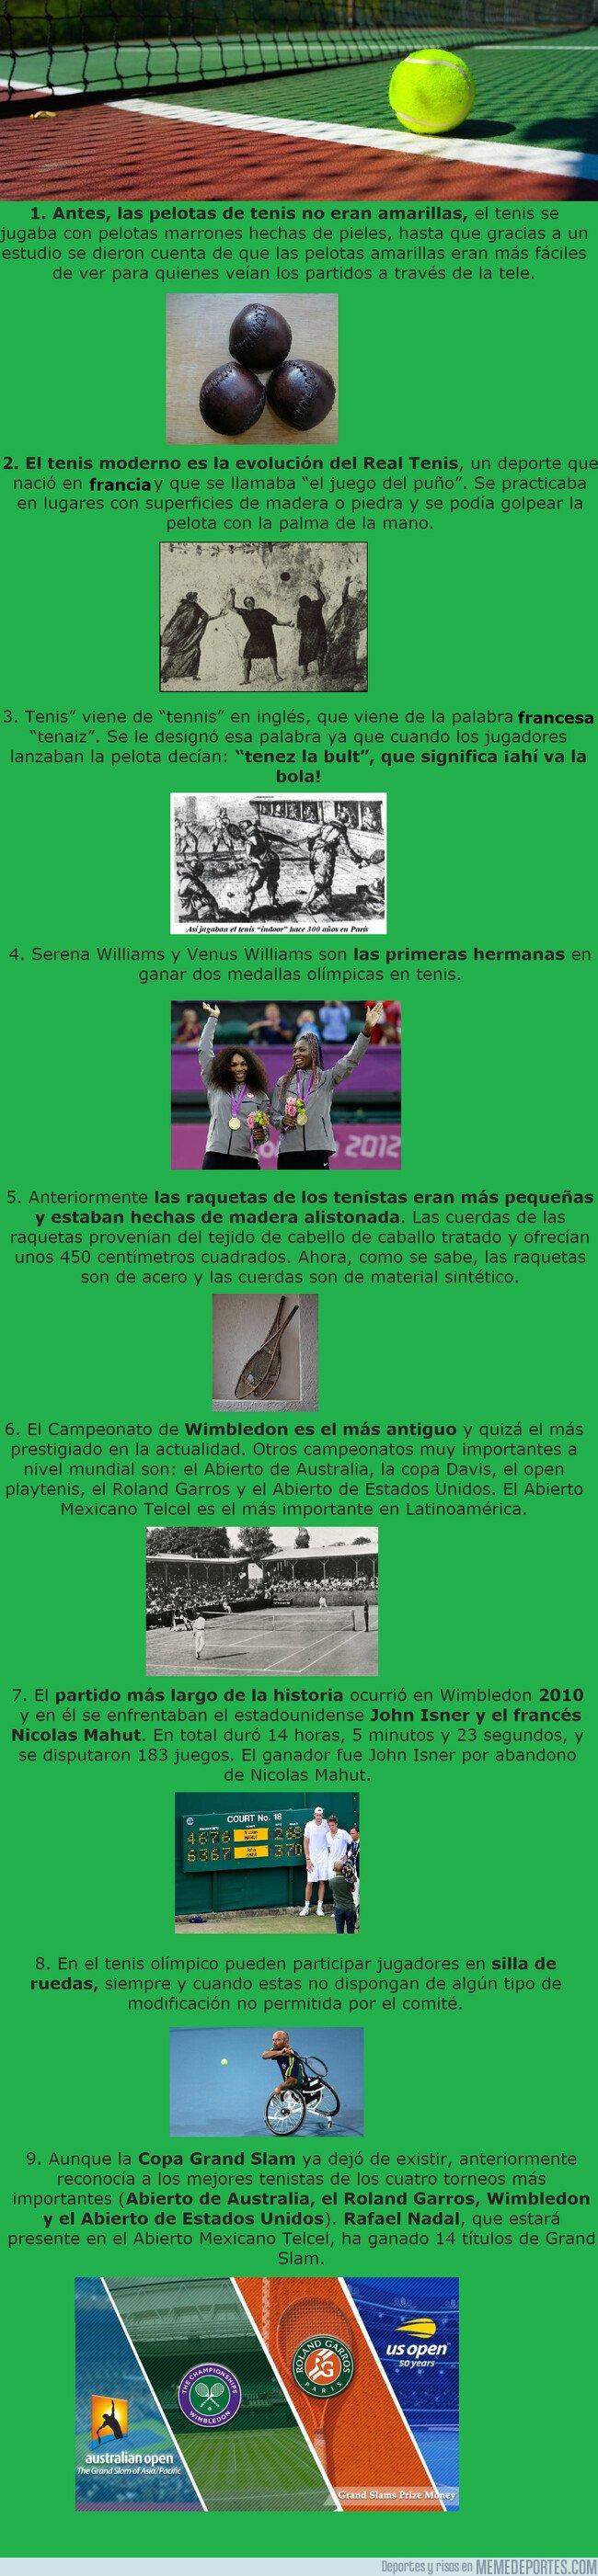 1069645 - 9 curiosidades que seguro que no sabías del tenis